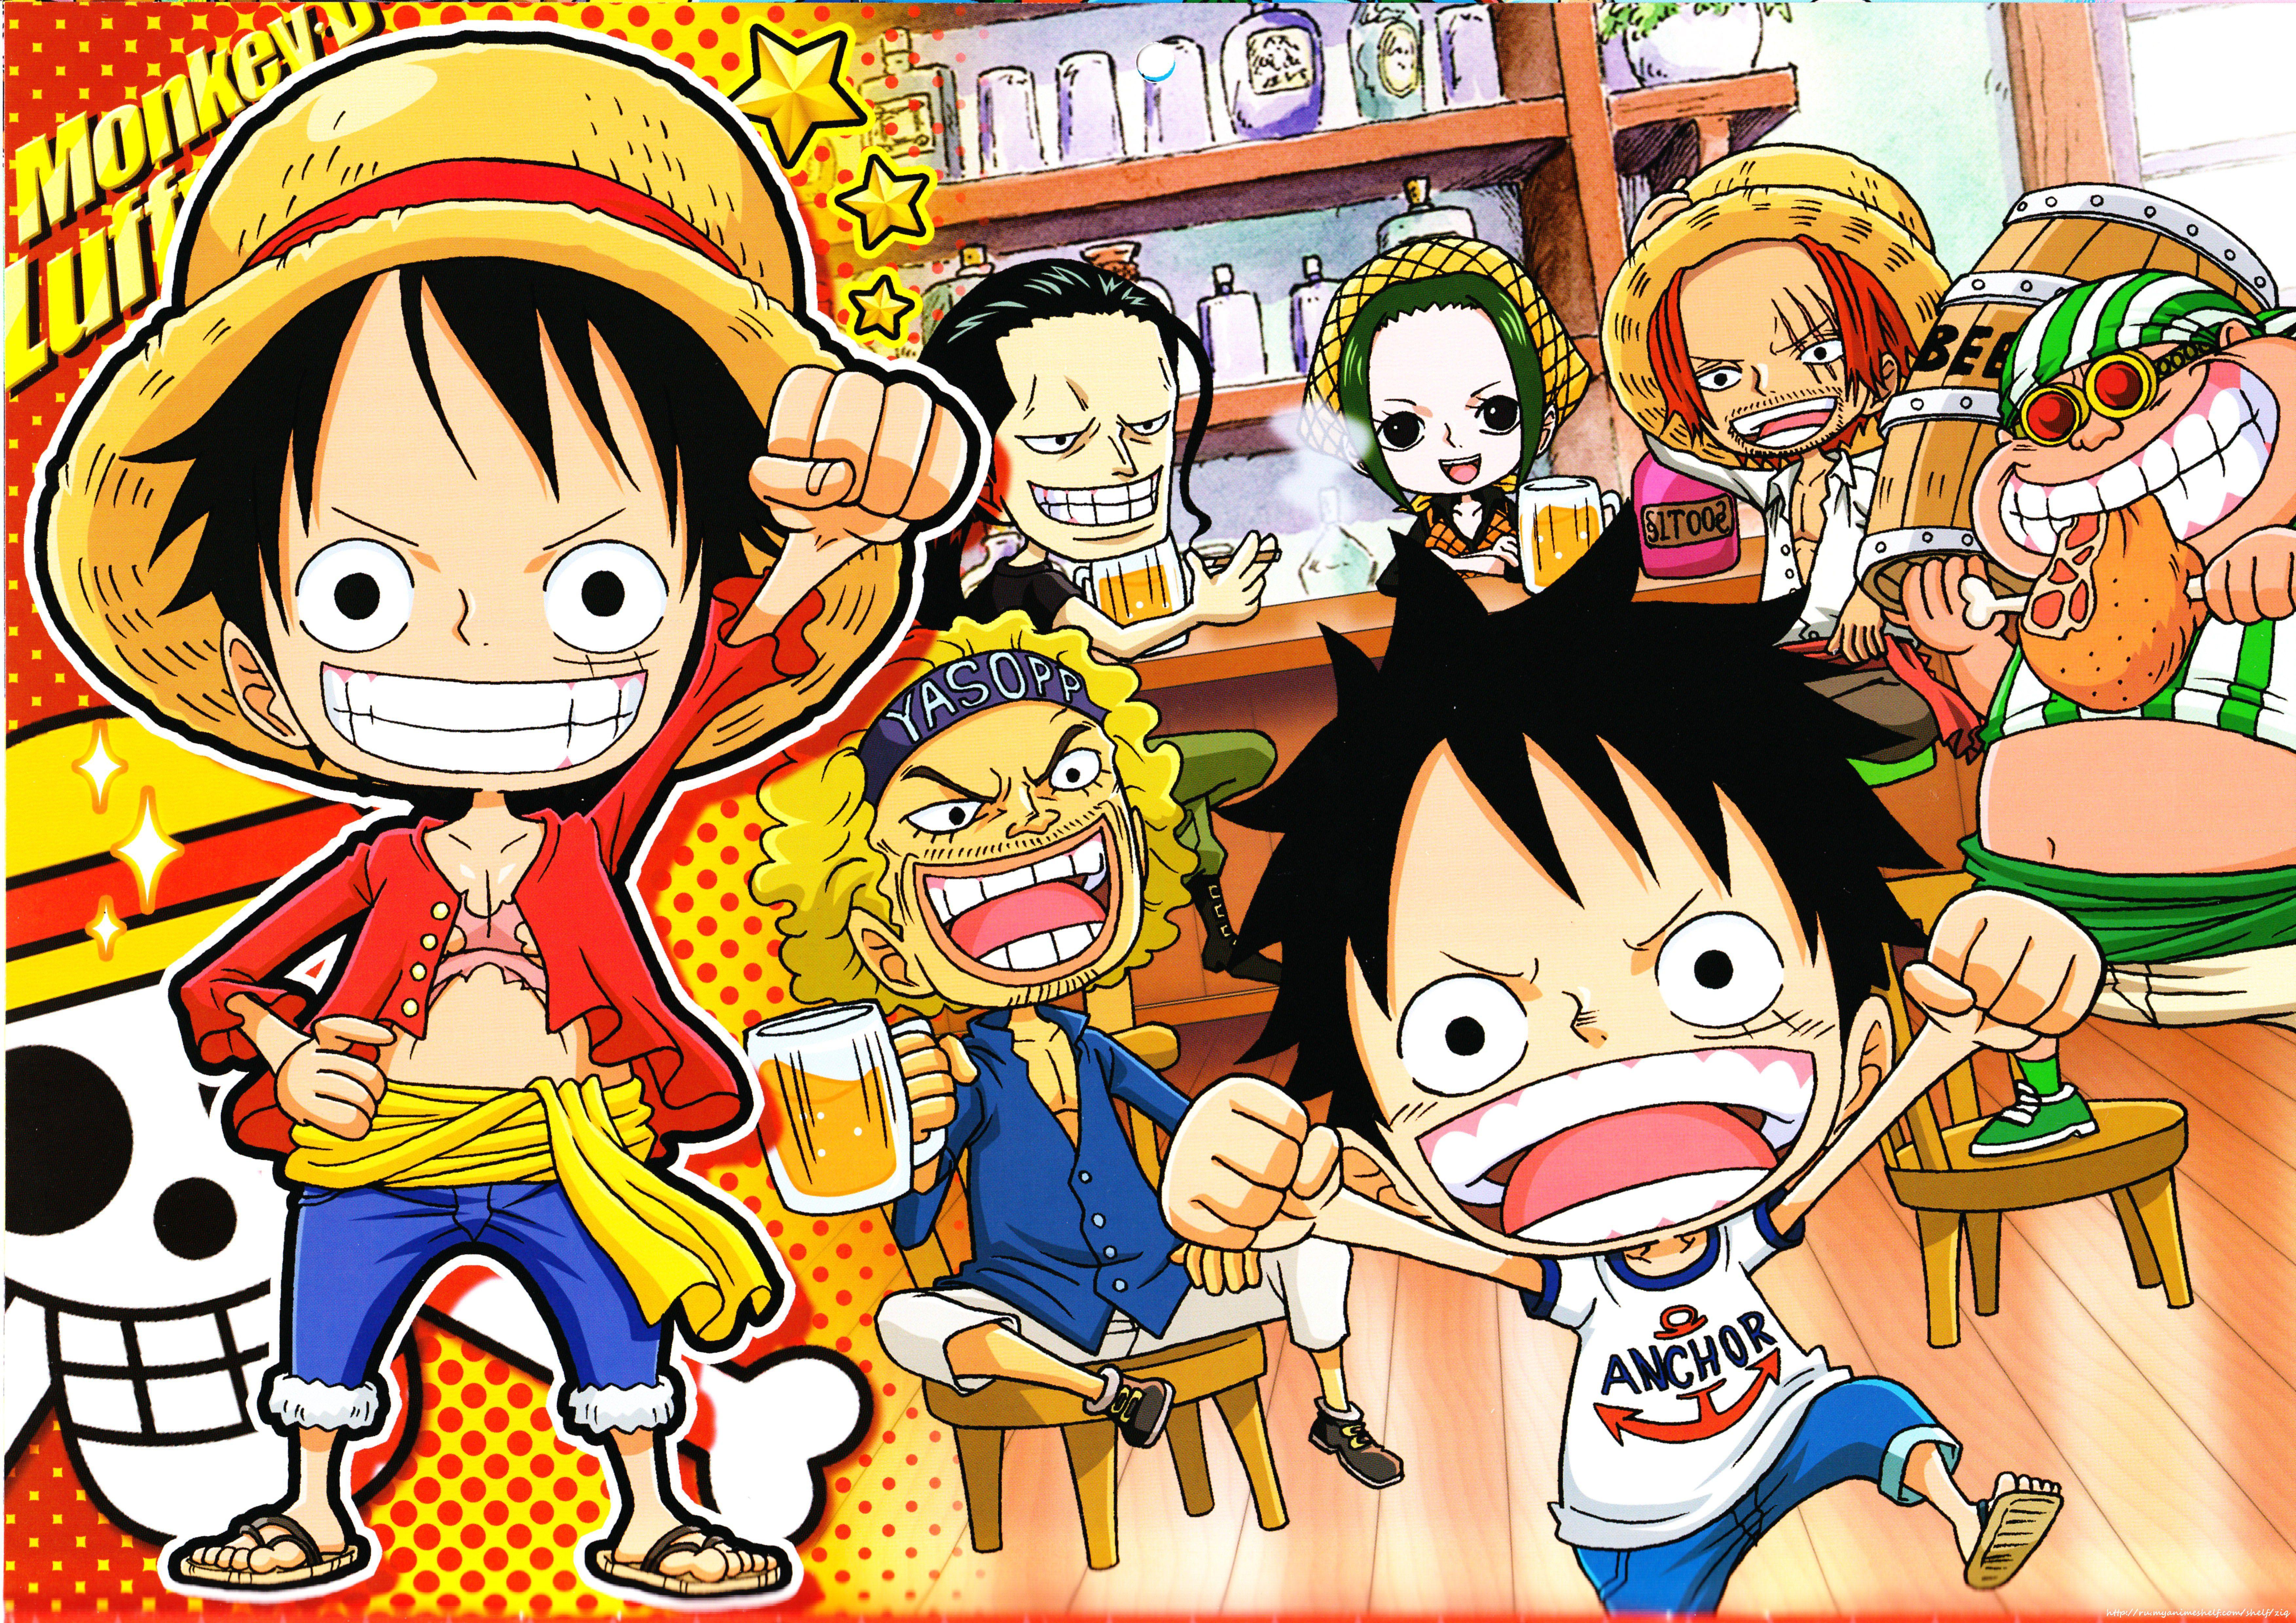 画像 One Piece ワンピース 壁紙画像集 100枚超 高画質まとめ